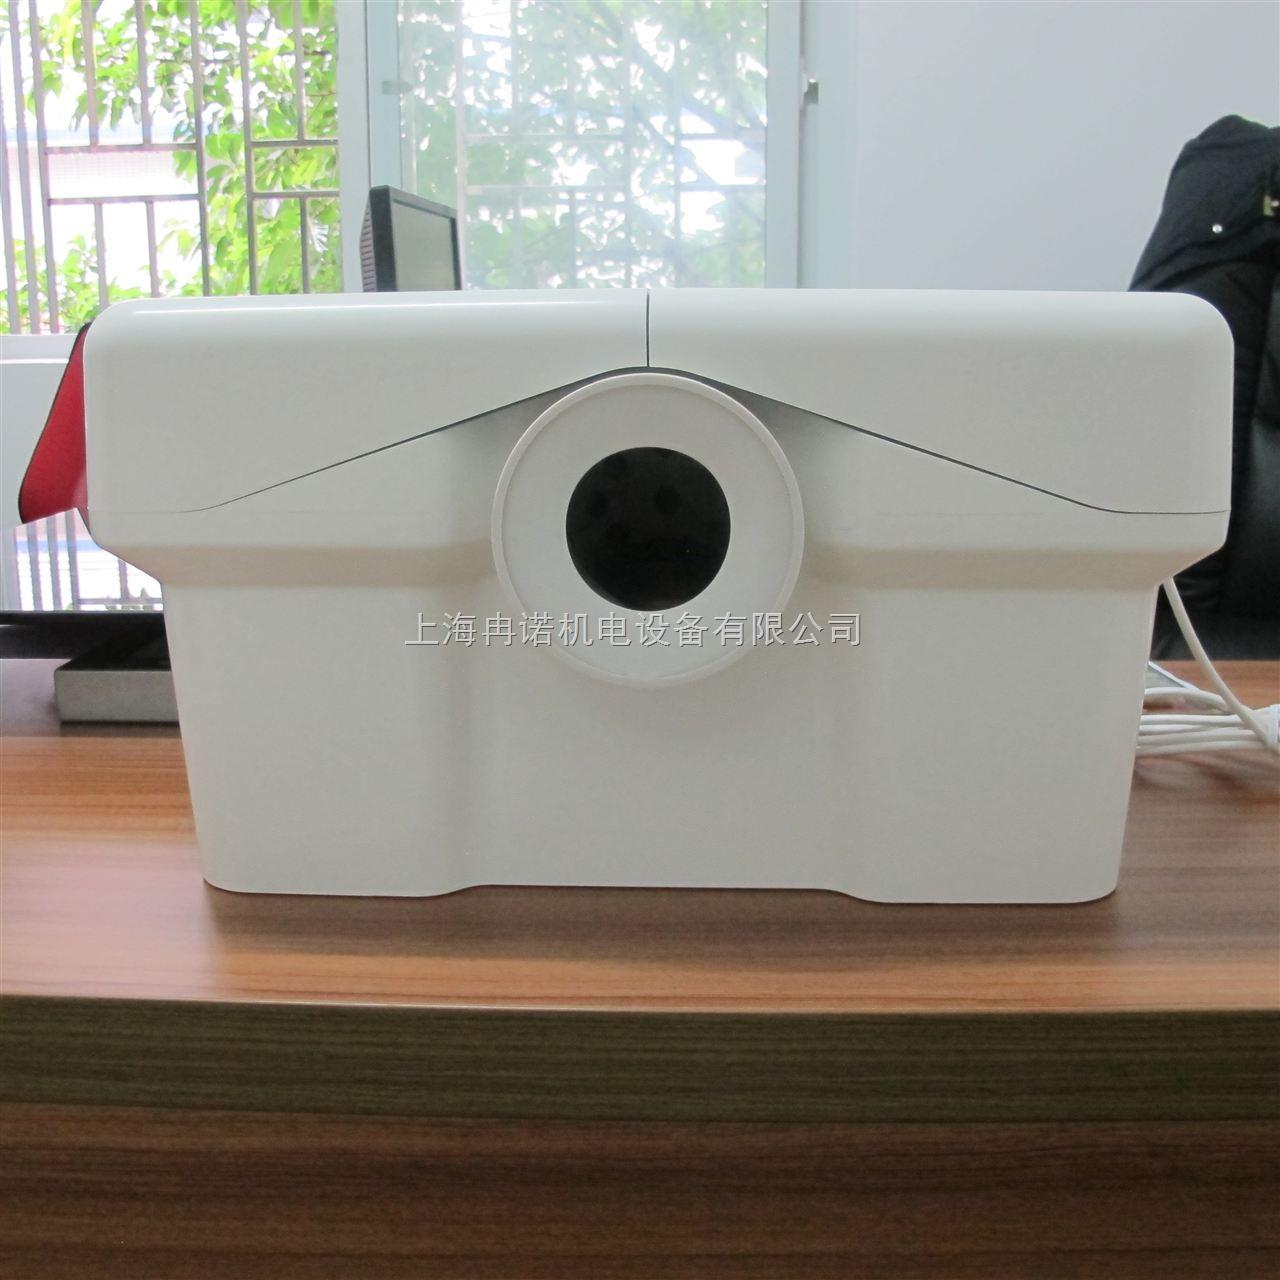 设备提供与马桶排水管的连接口密封性很好,既保证清洁,又连接可靠